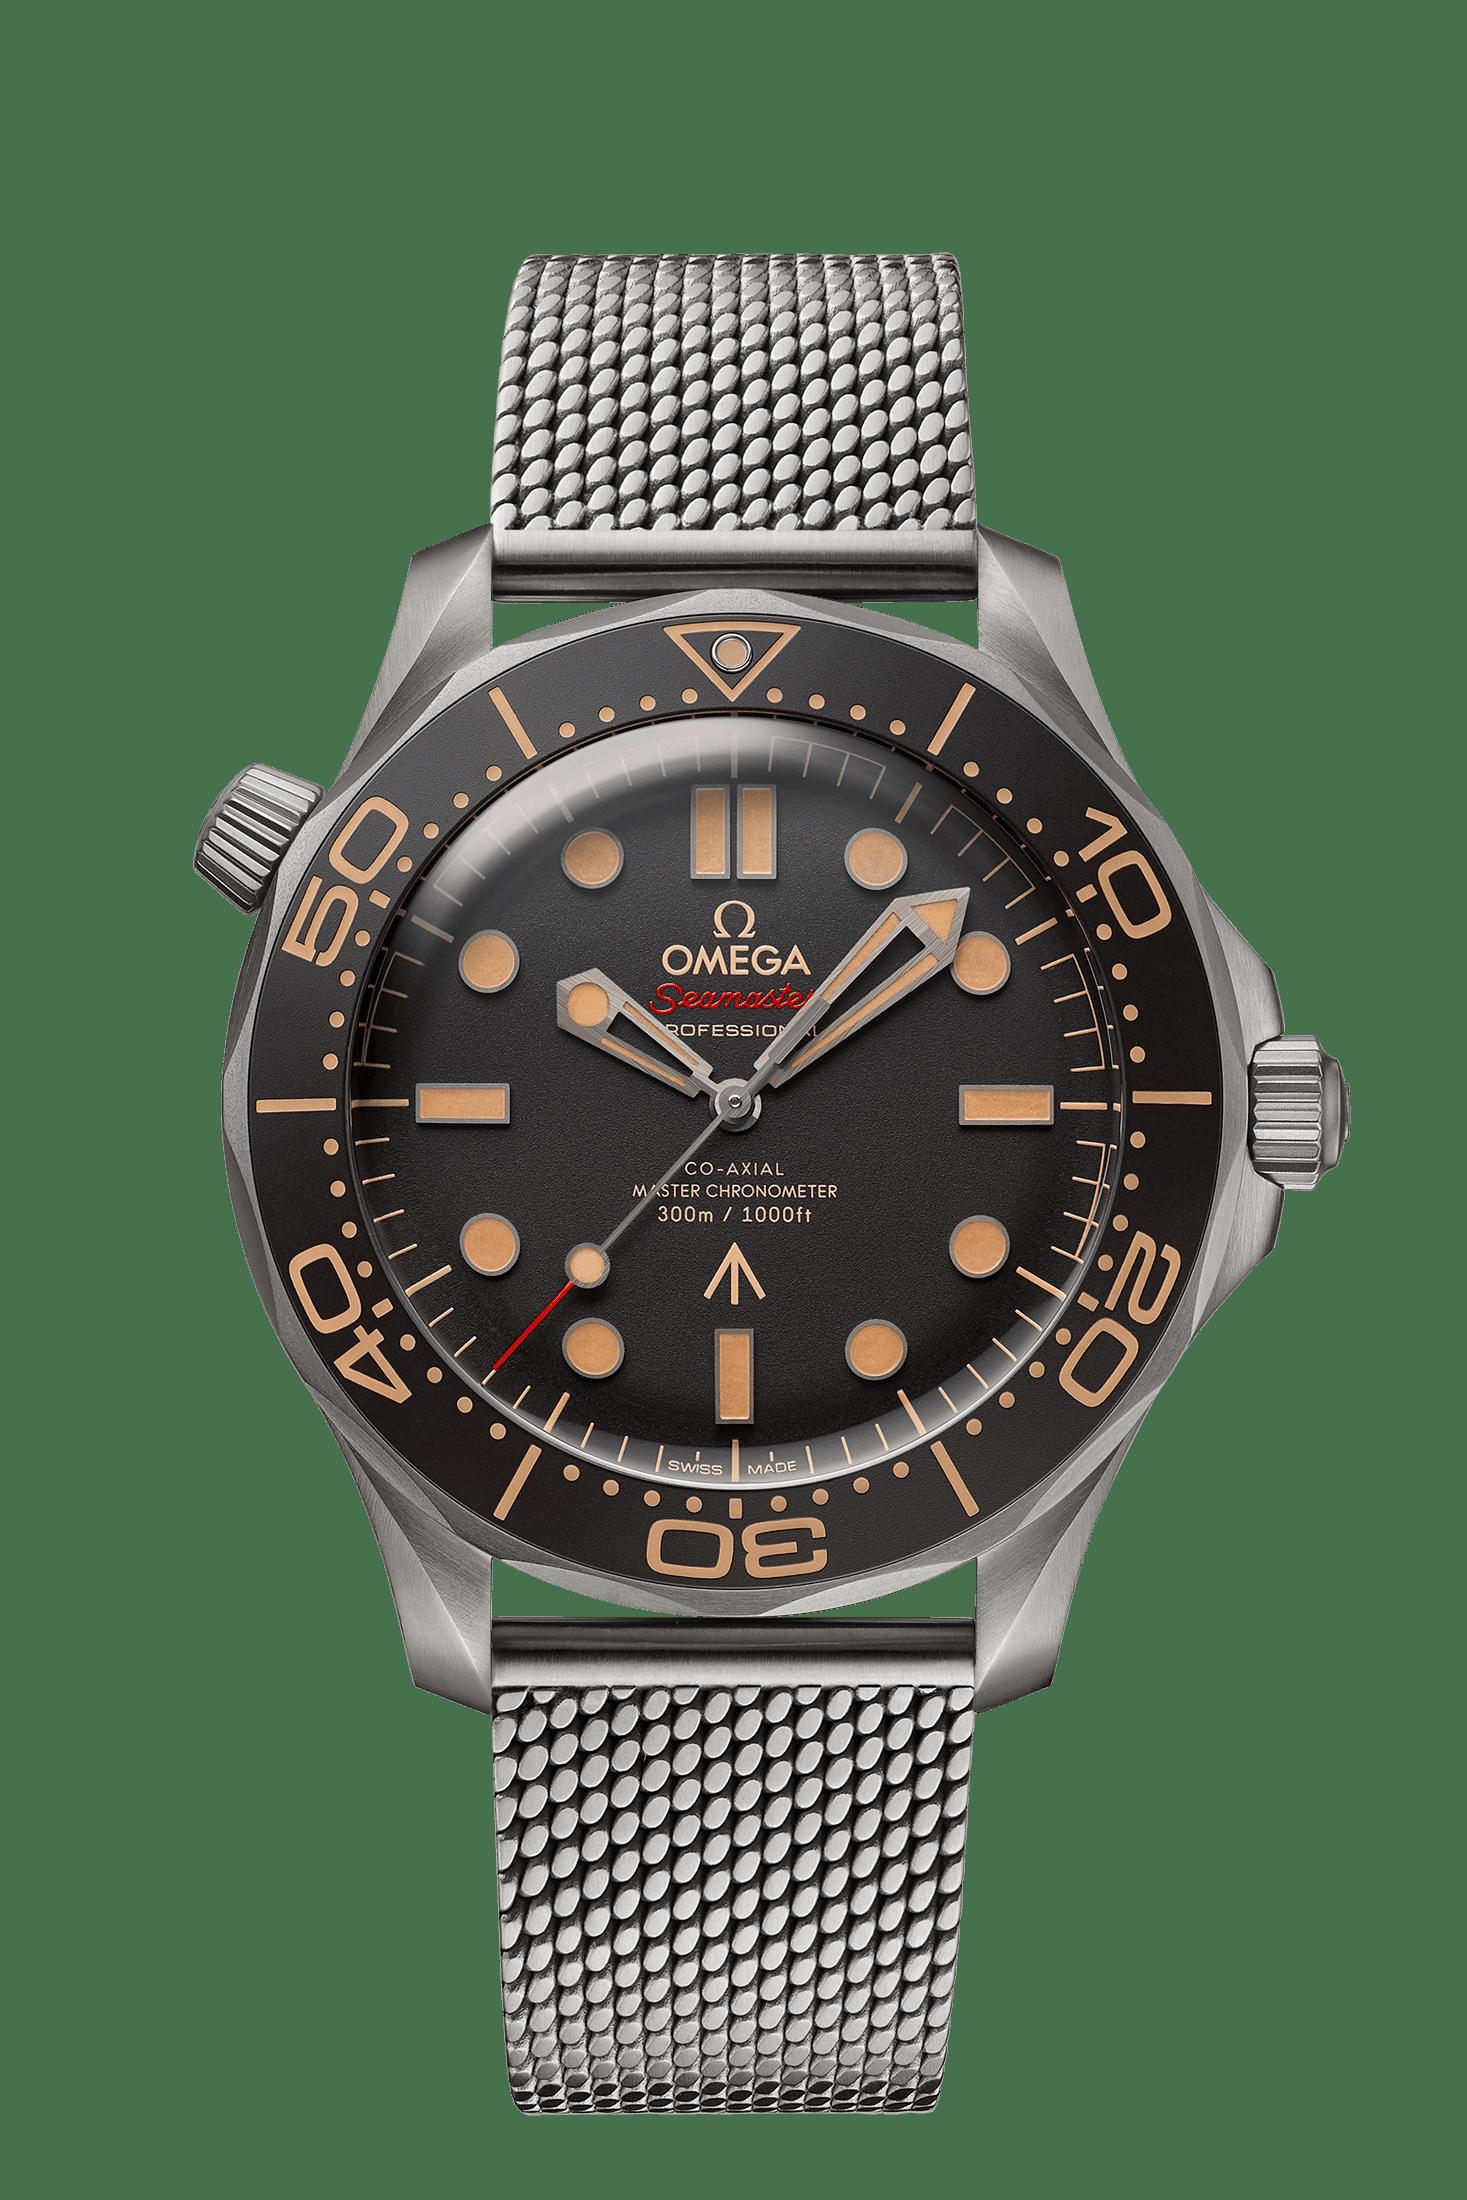 Omega Seamaster Diver 300M, Ref. 210.90.42.20.01.001